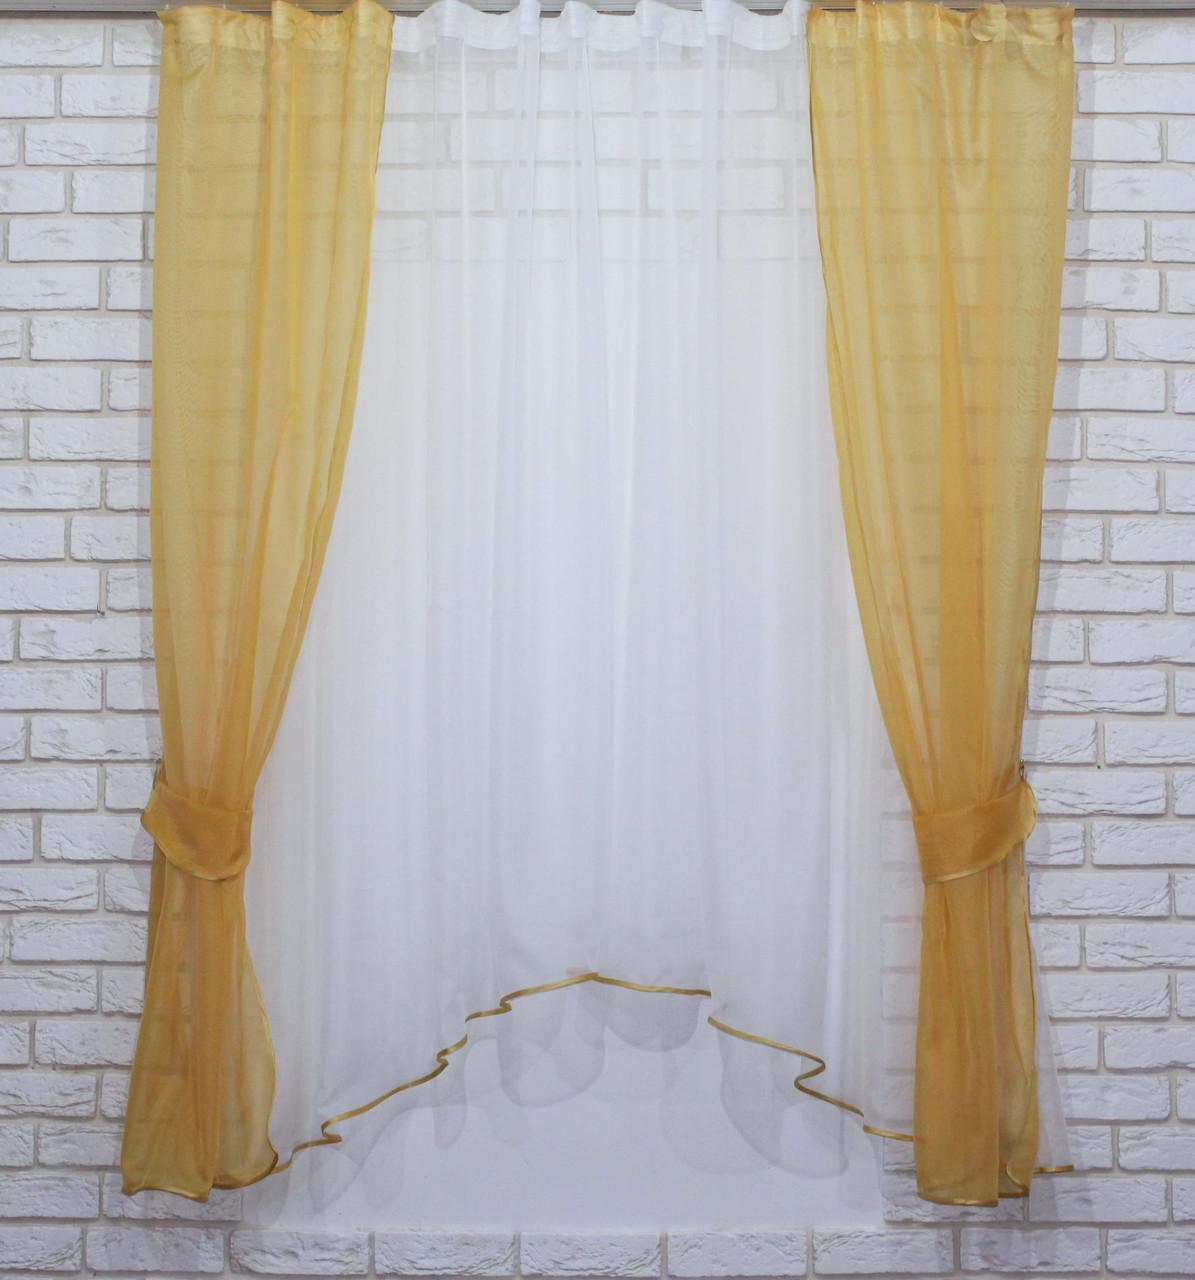 Комплект на кухню, тюль и шторки №51, Цвет янтарный с белым 2,8*2м  59-008